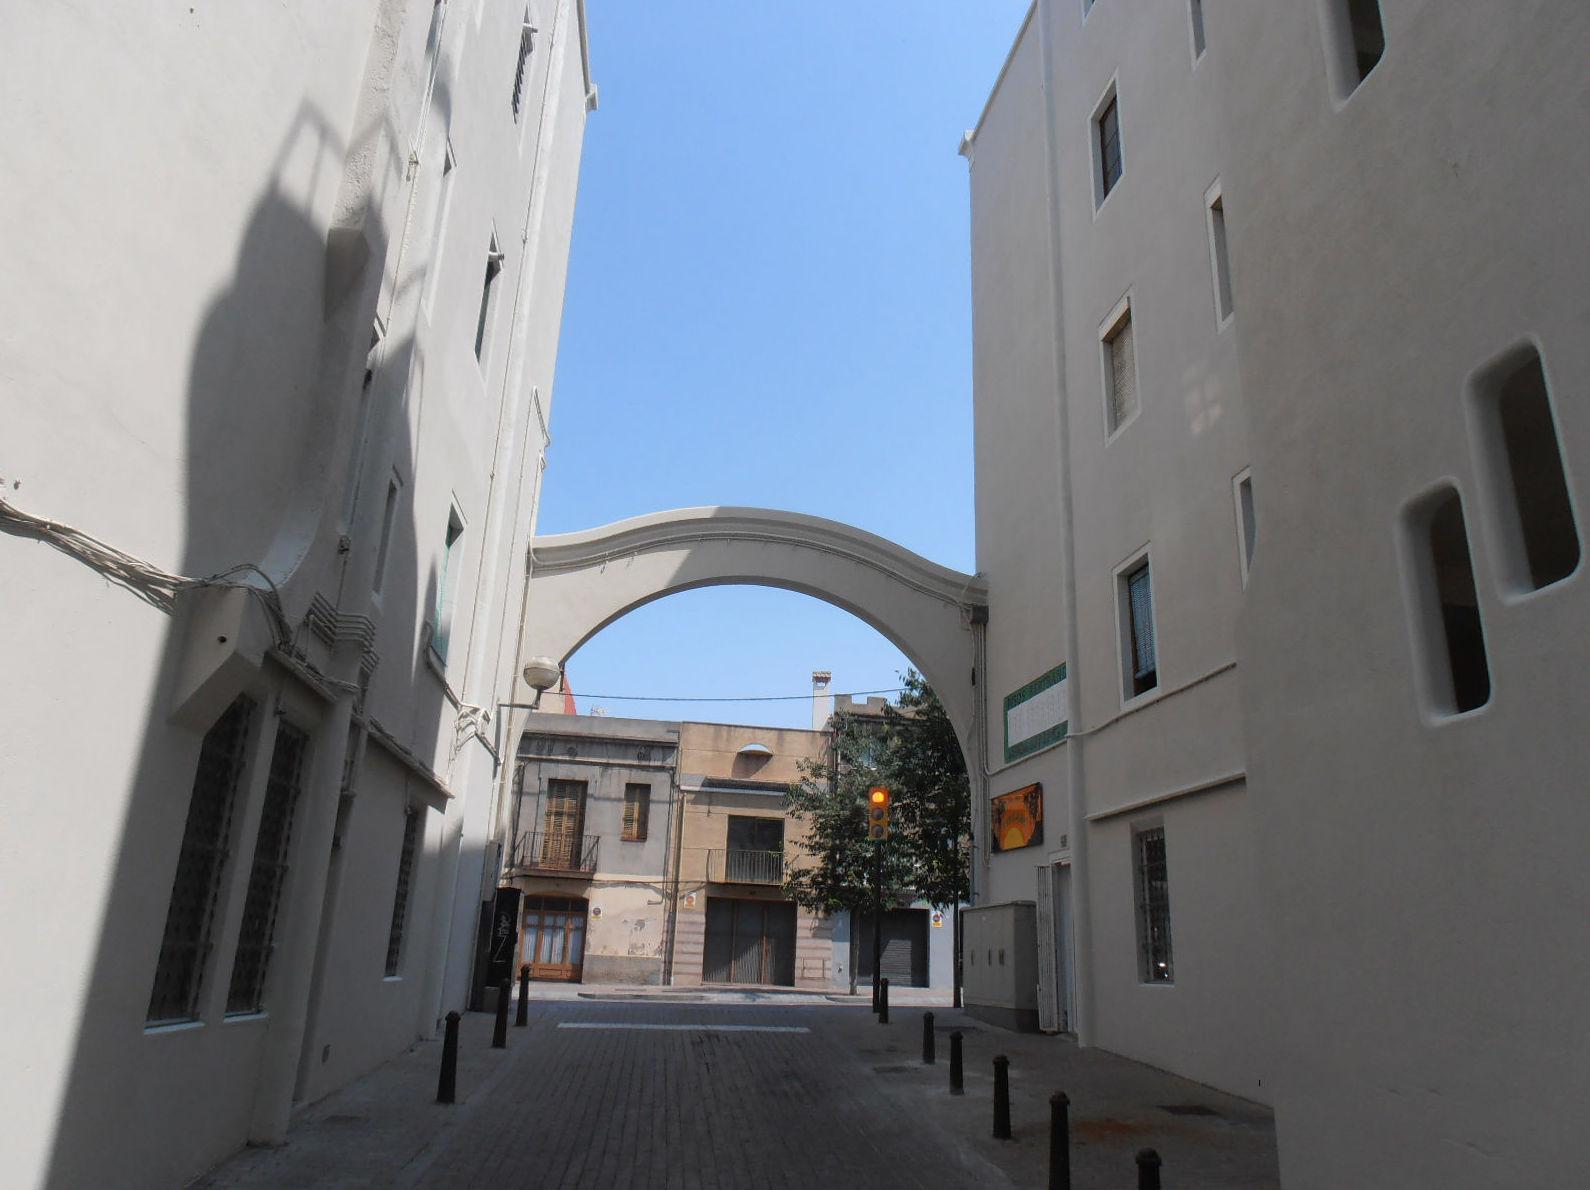 Alquiler de pisos en  Sant Feliu de Llobregat, Barcelona